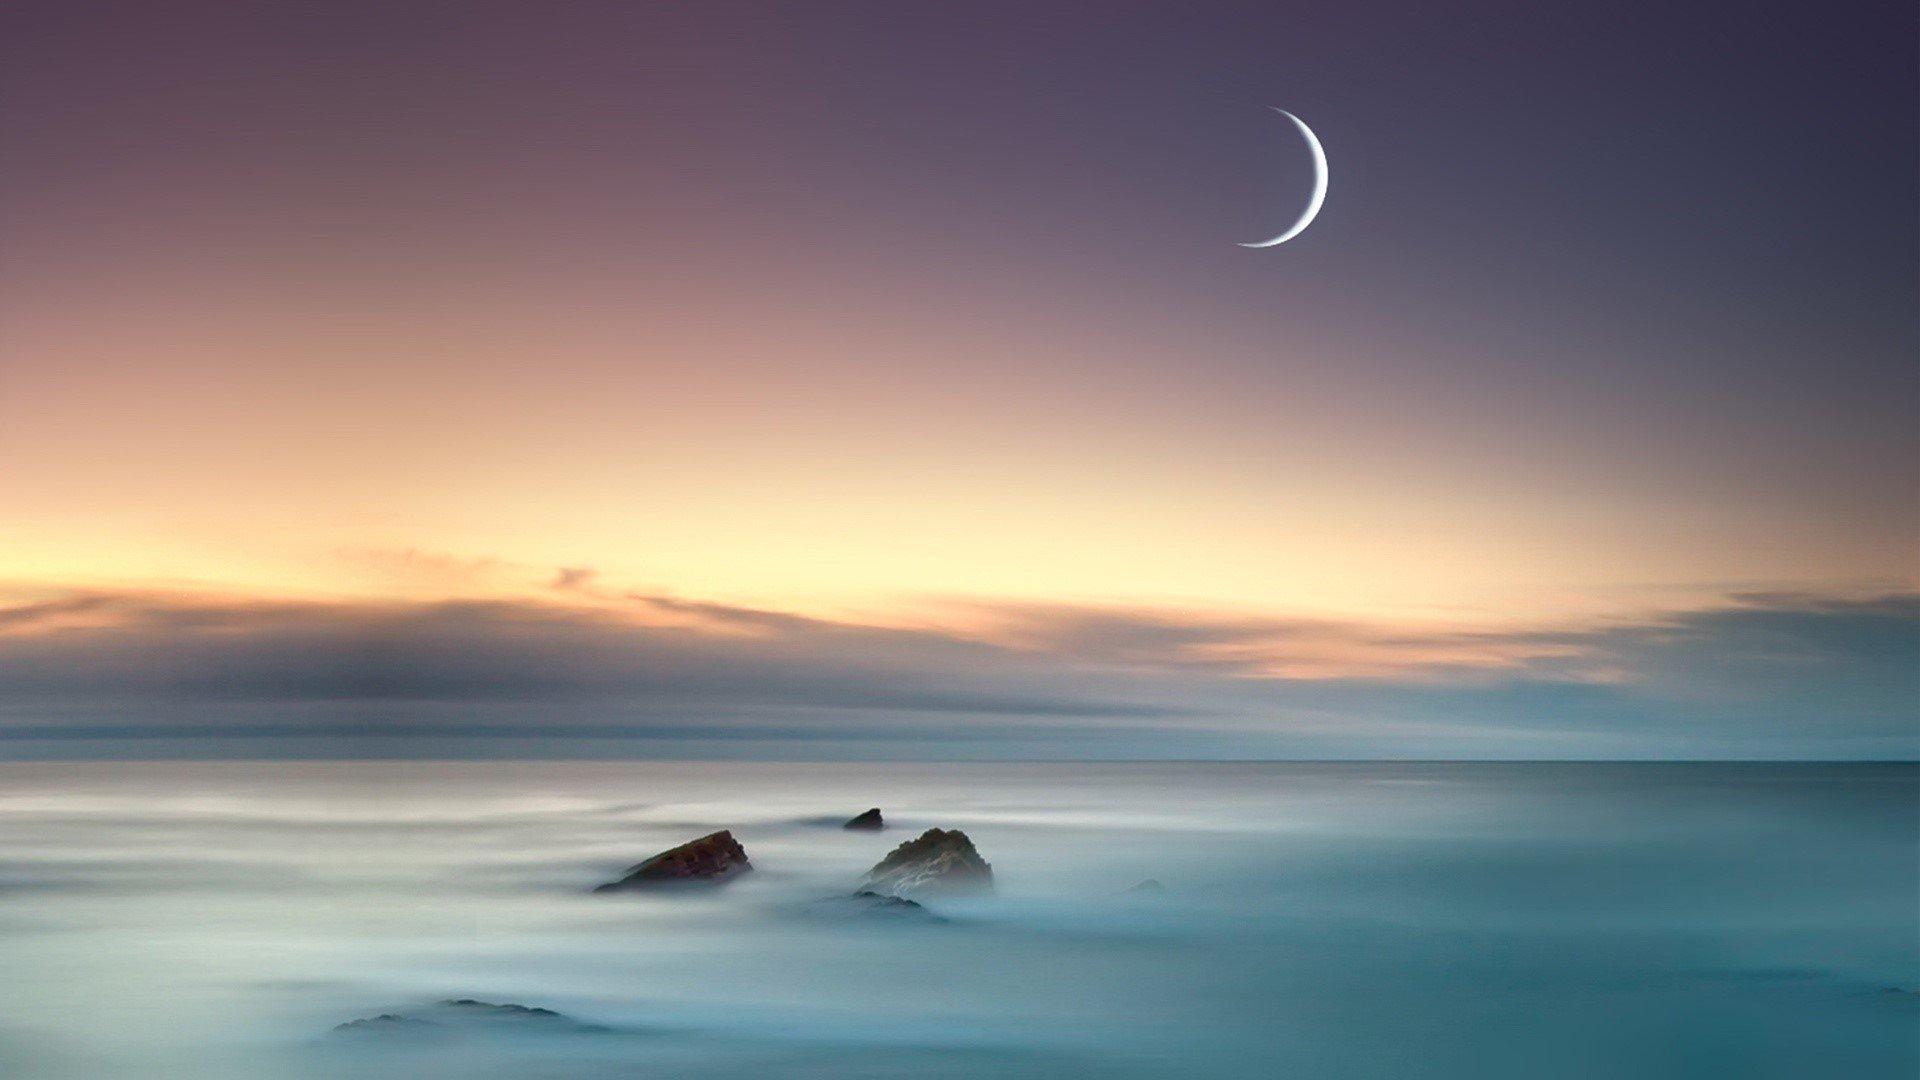 Fondos de pantalla El mar y la luna